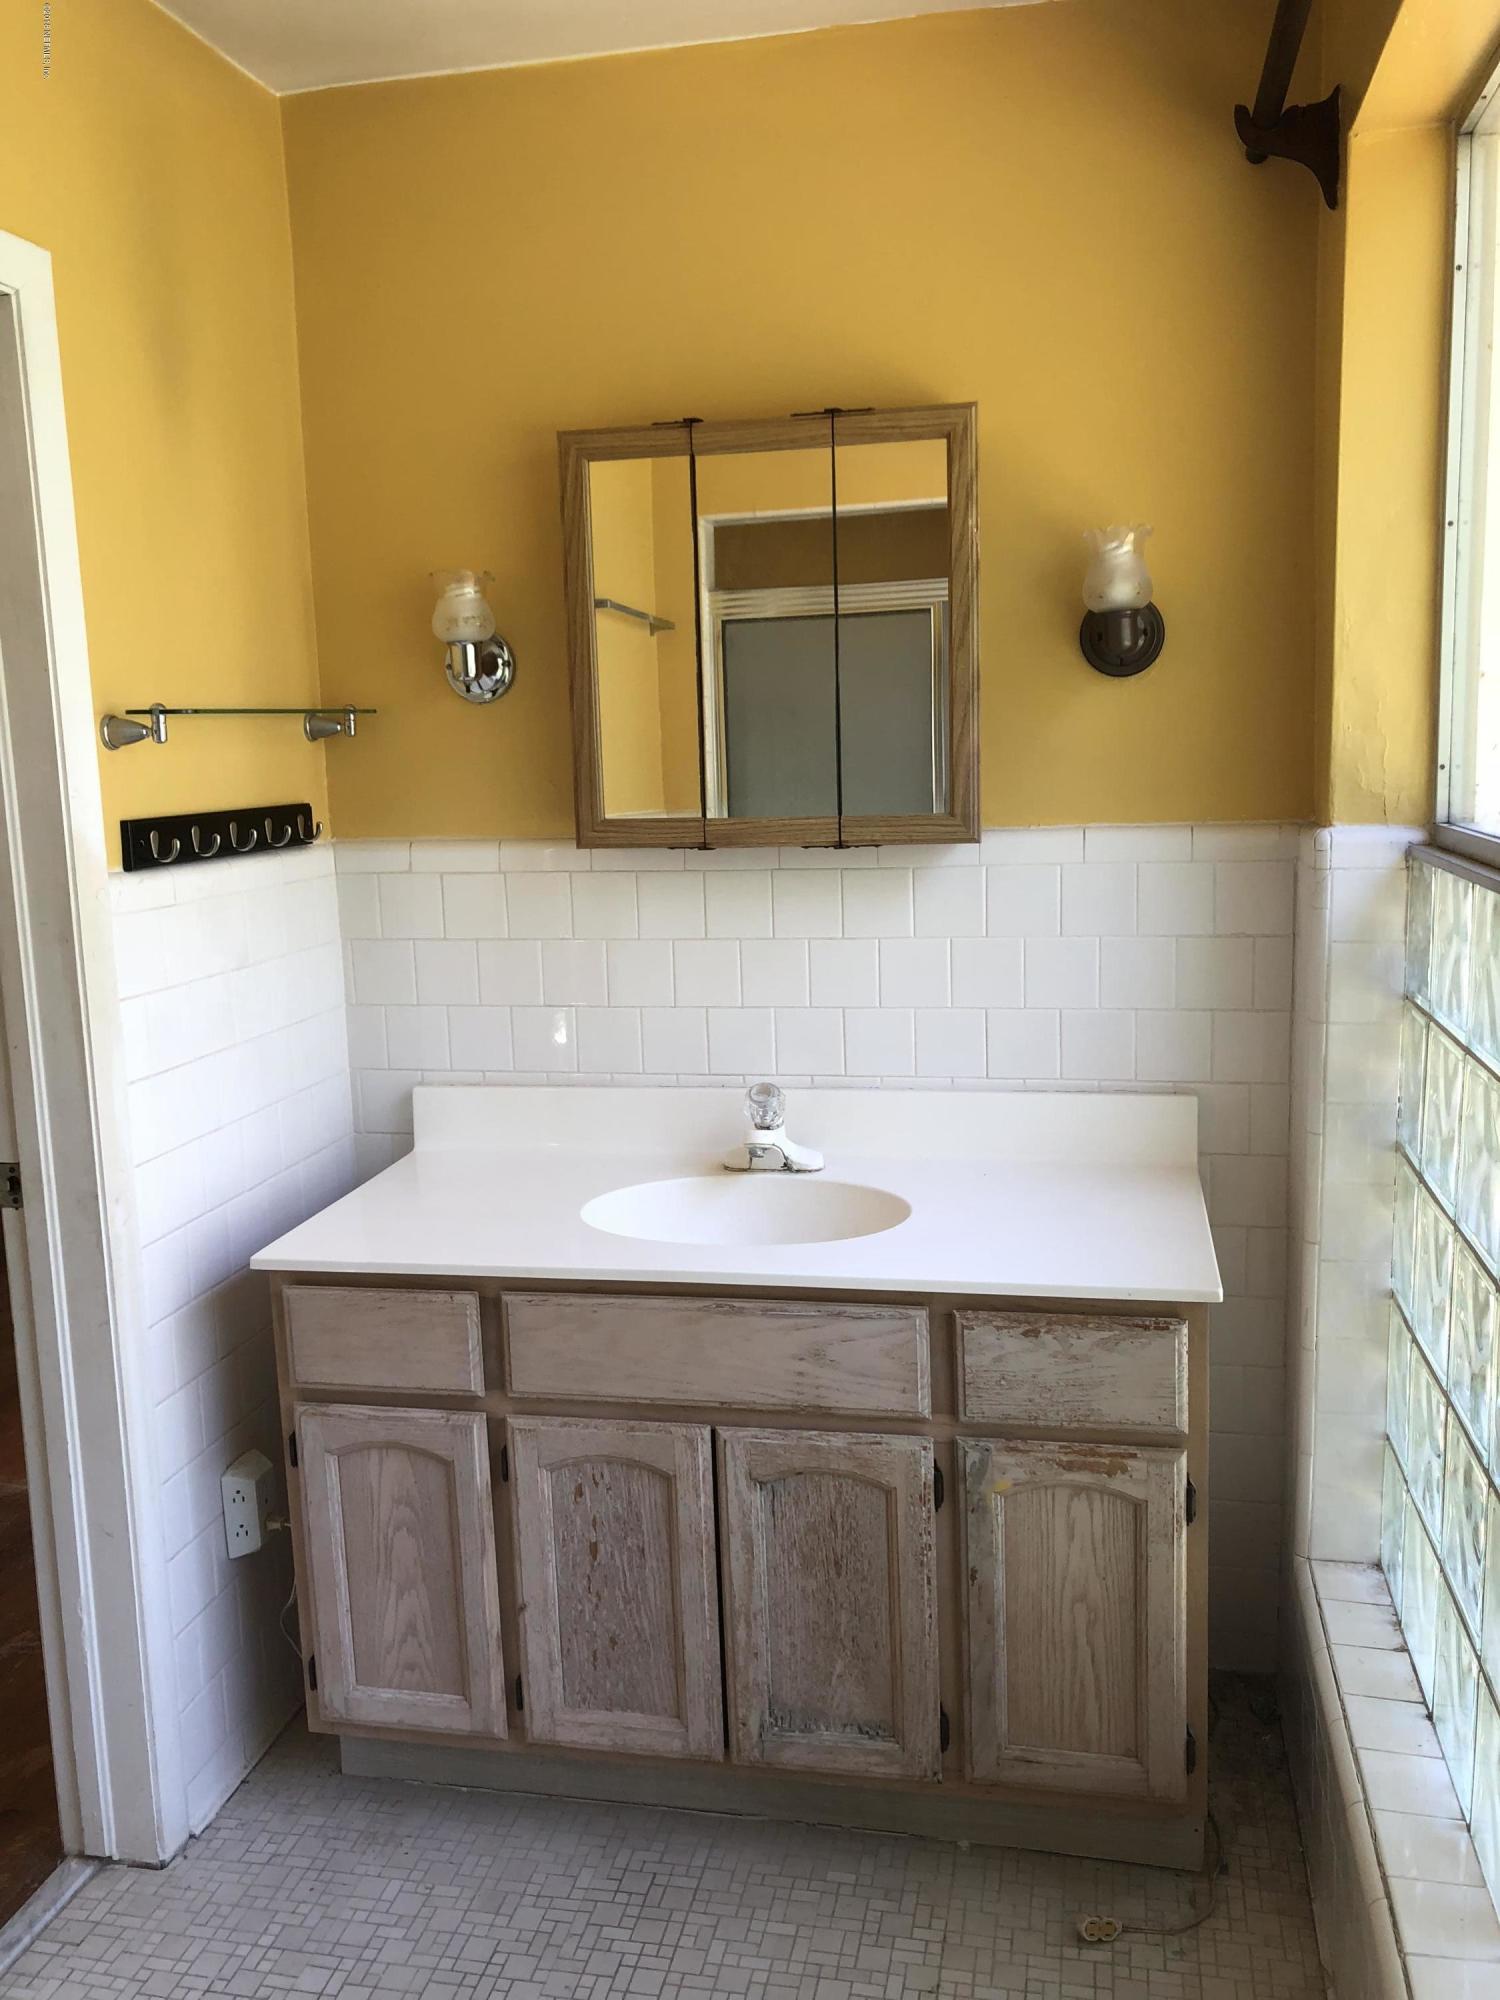 6125 DUKE, JACKSONVILLE, FLORIDA 32217, 3 Bedrooms Bedrooms, ,2 BathroomsBathrooms,Residential - single family,For sale,DUKE,979003